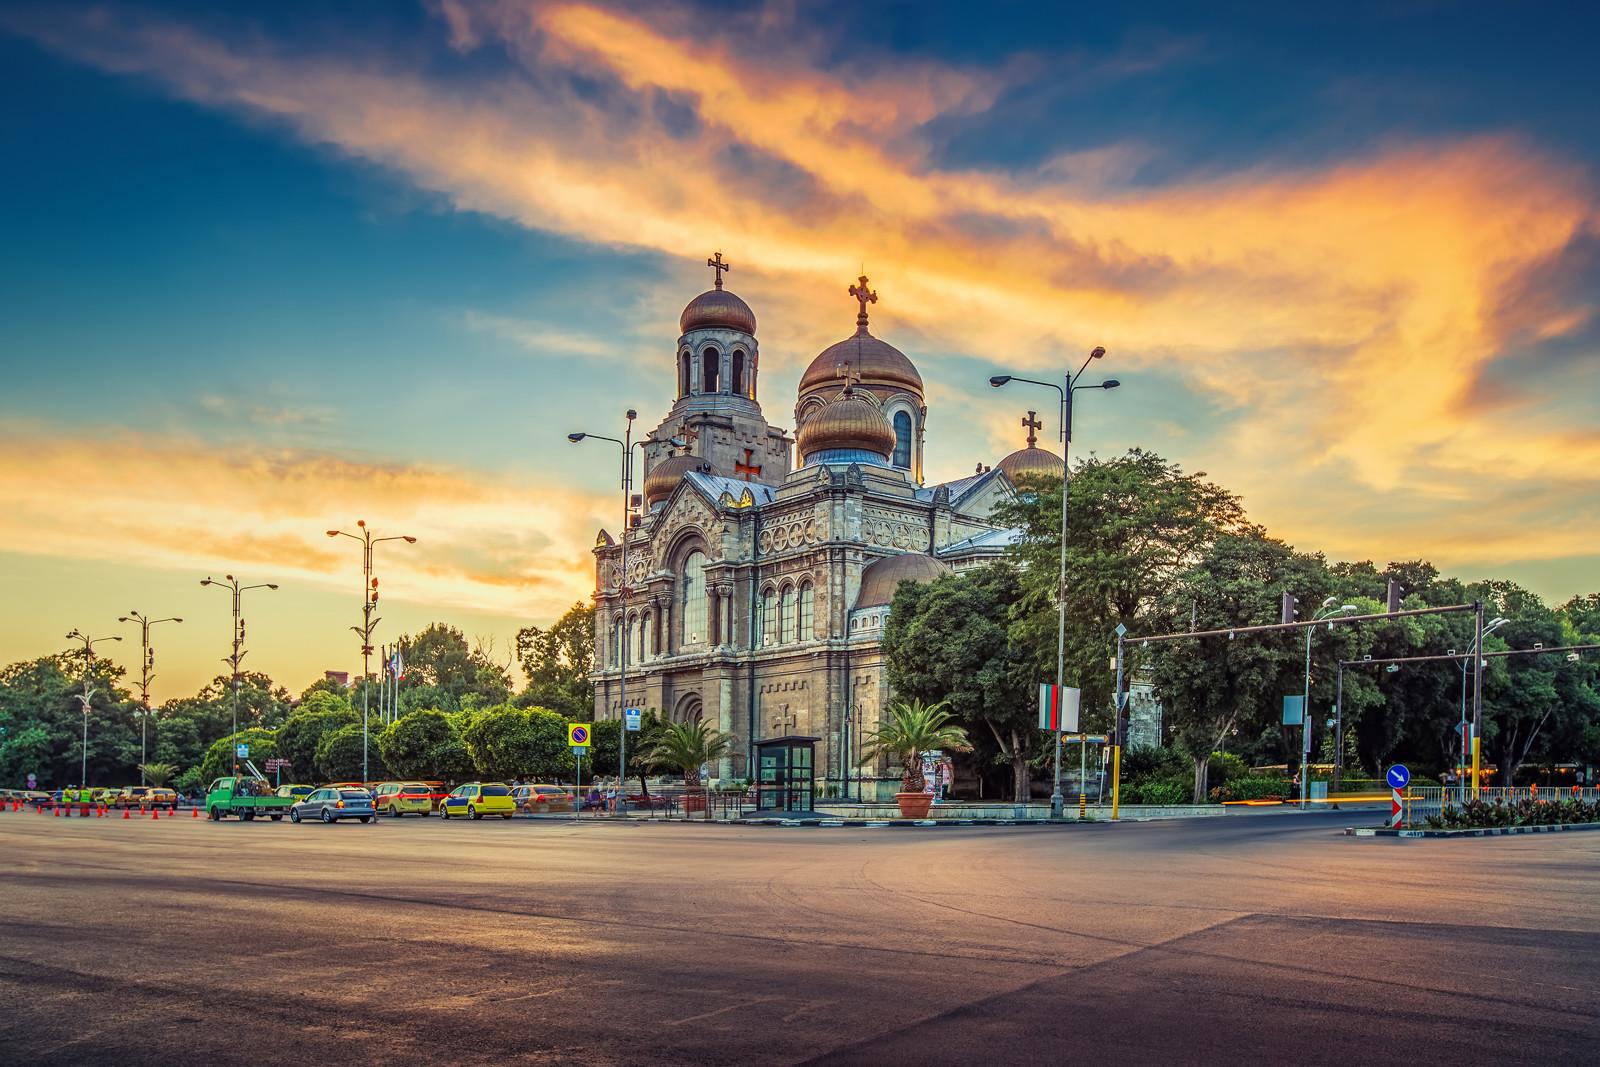 Wrażenia z Warny, Bułgaria oczami Bennego